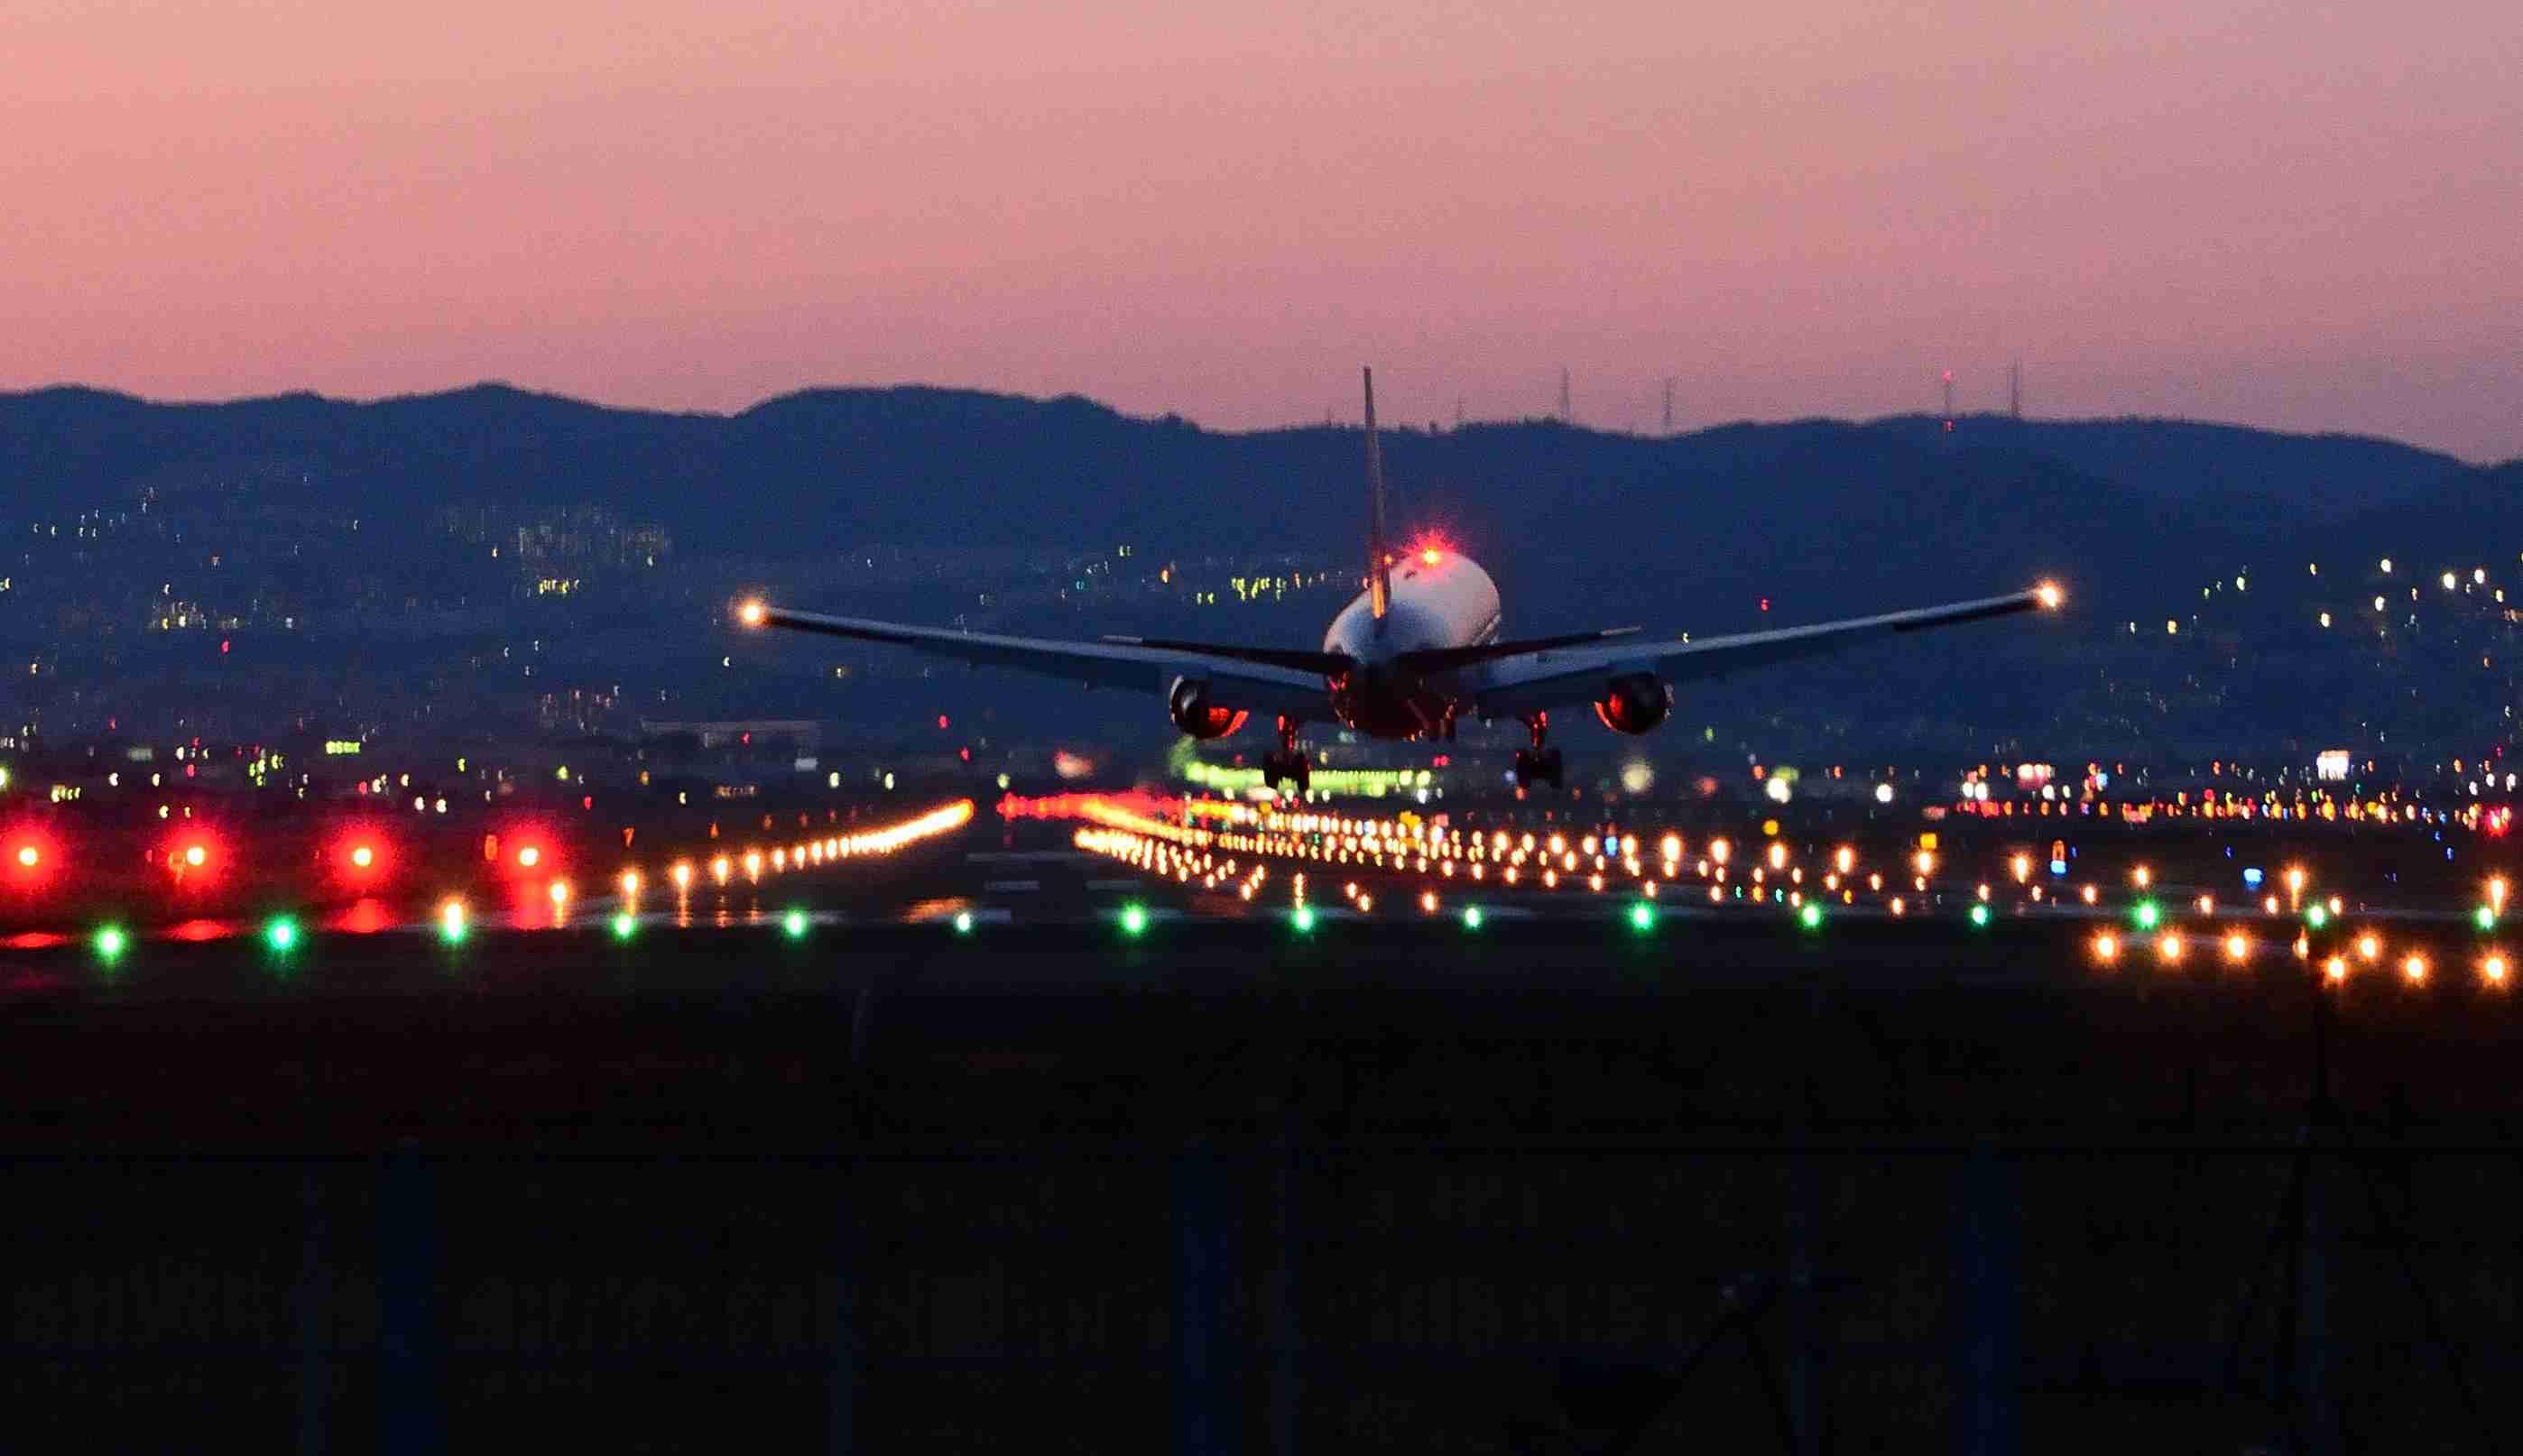 飛行機_2655